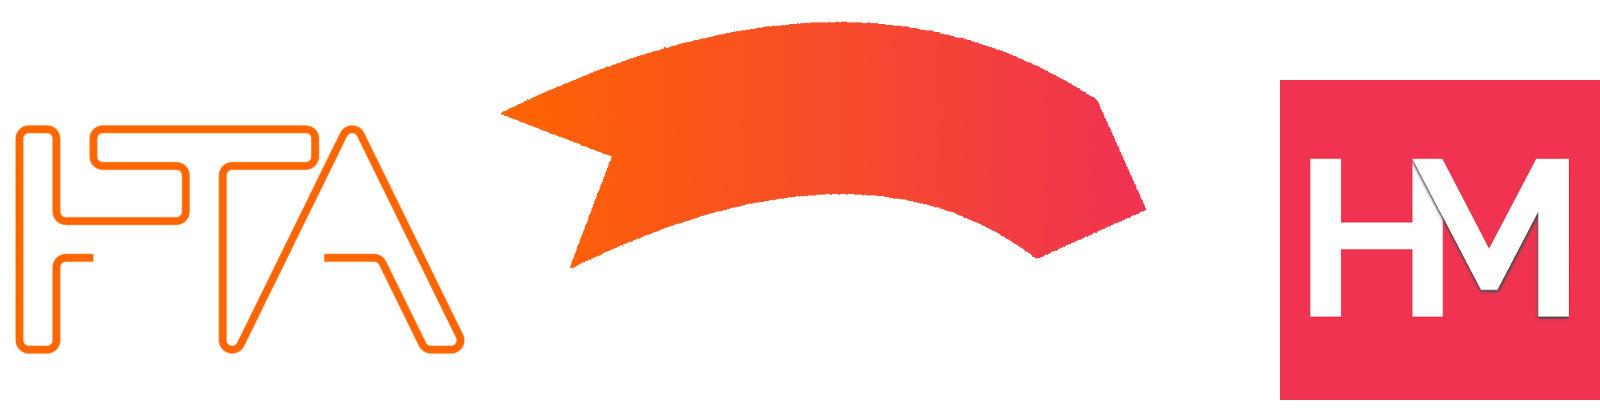 Heintschel TecArt heißt jetzt Heintschel Media